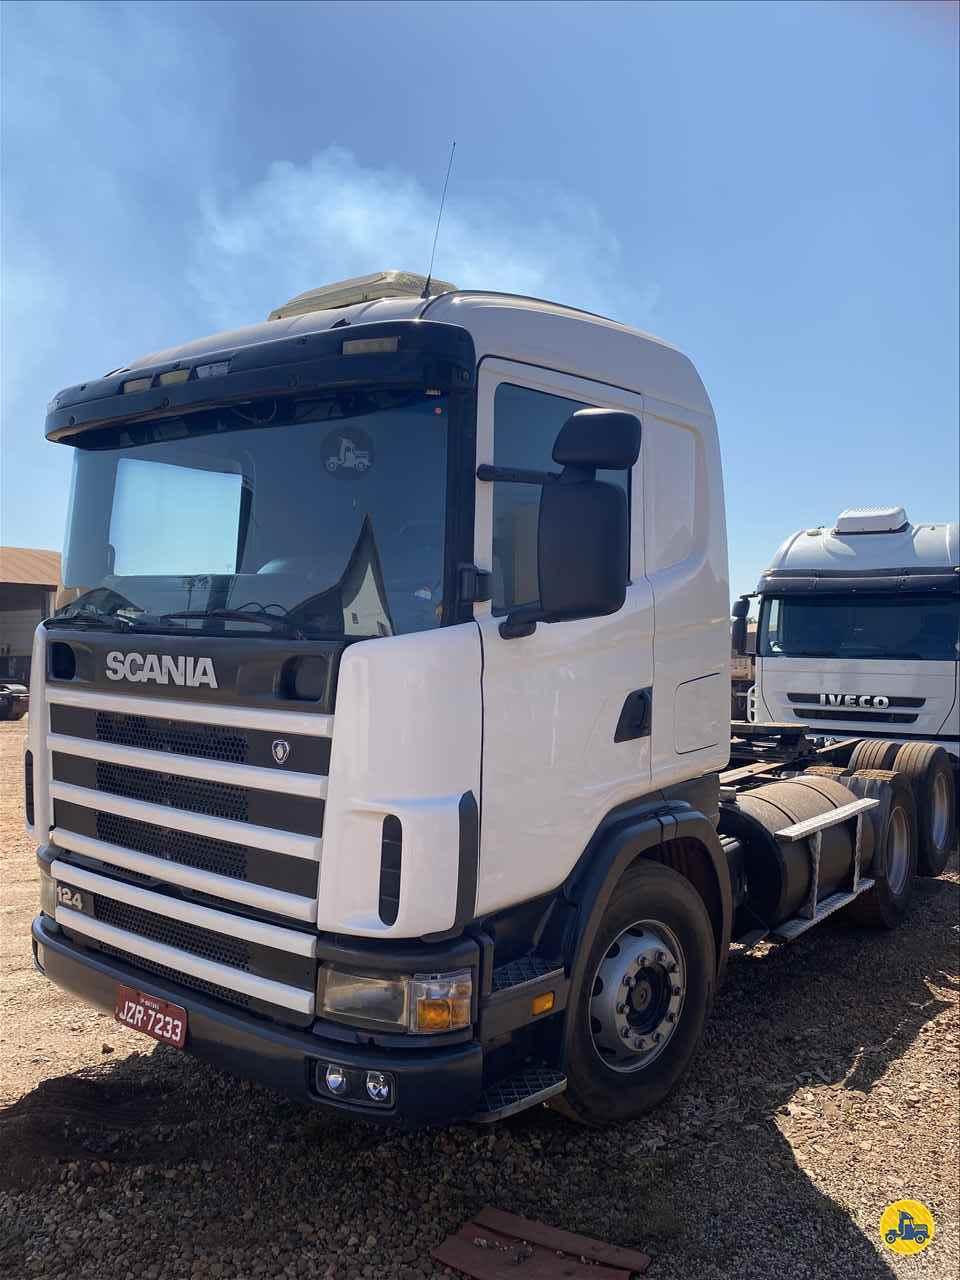 CAMINHAO SCANIA SCANIA 124 400 Cavalo Mecânico Truck 6x2 Troca Frota RONDONOPOLIS MATO GROSSO MT